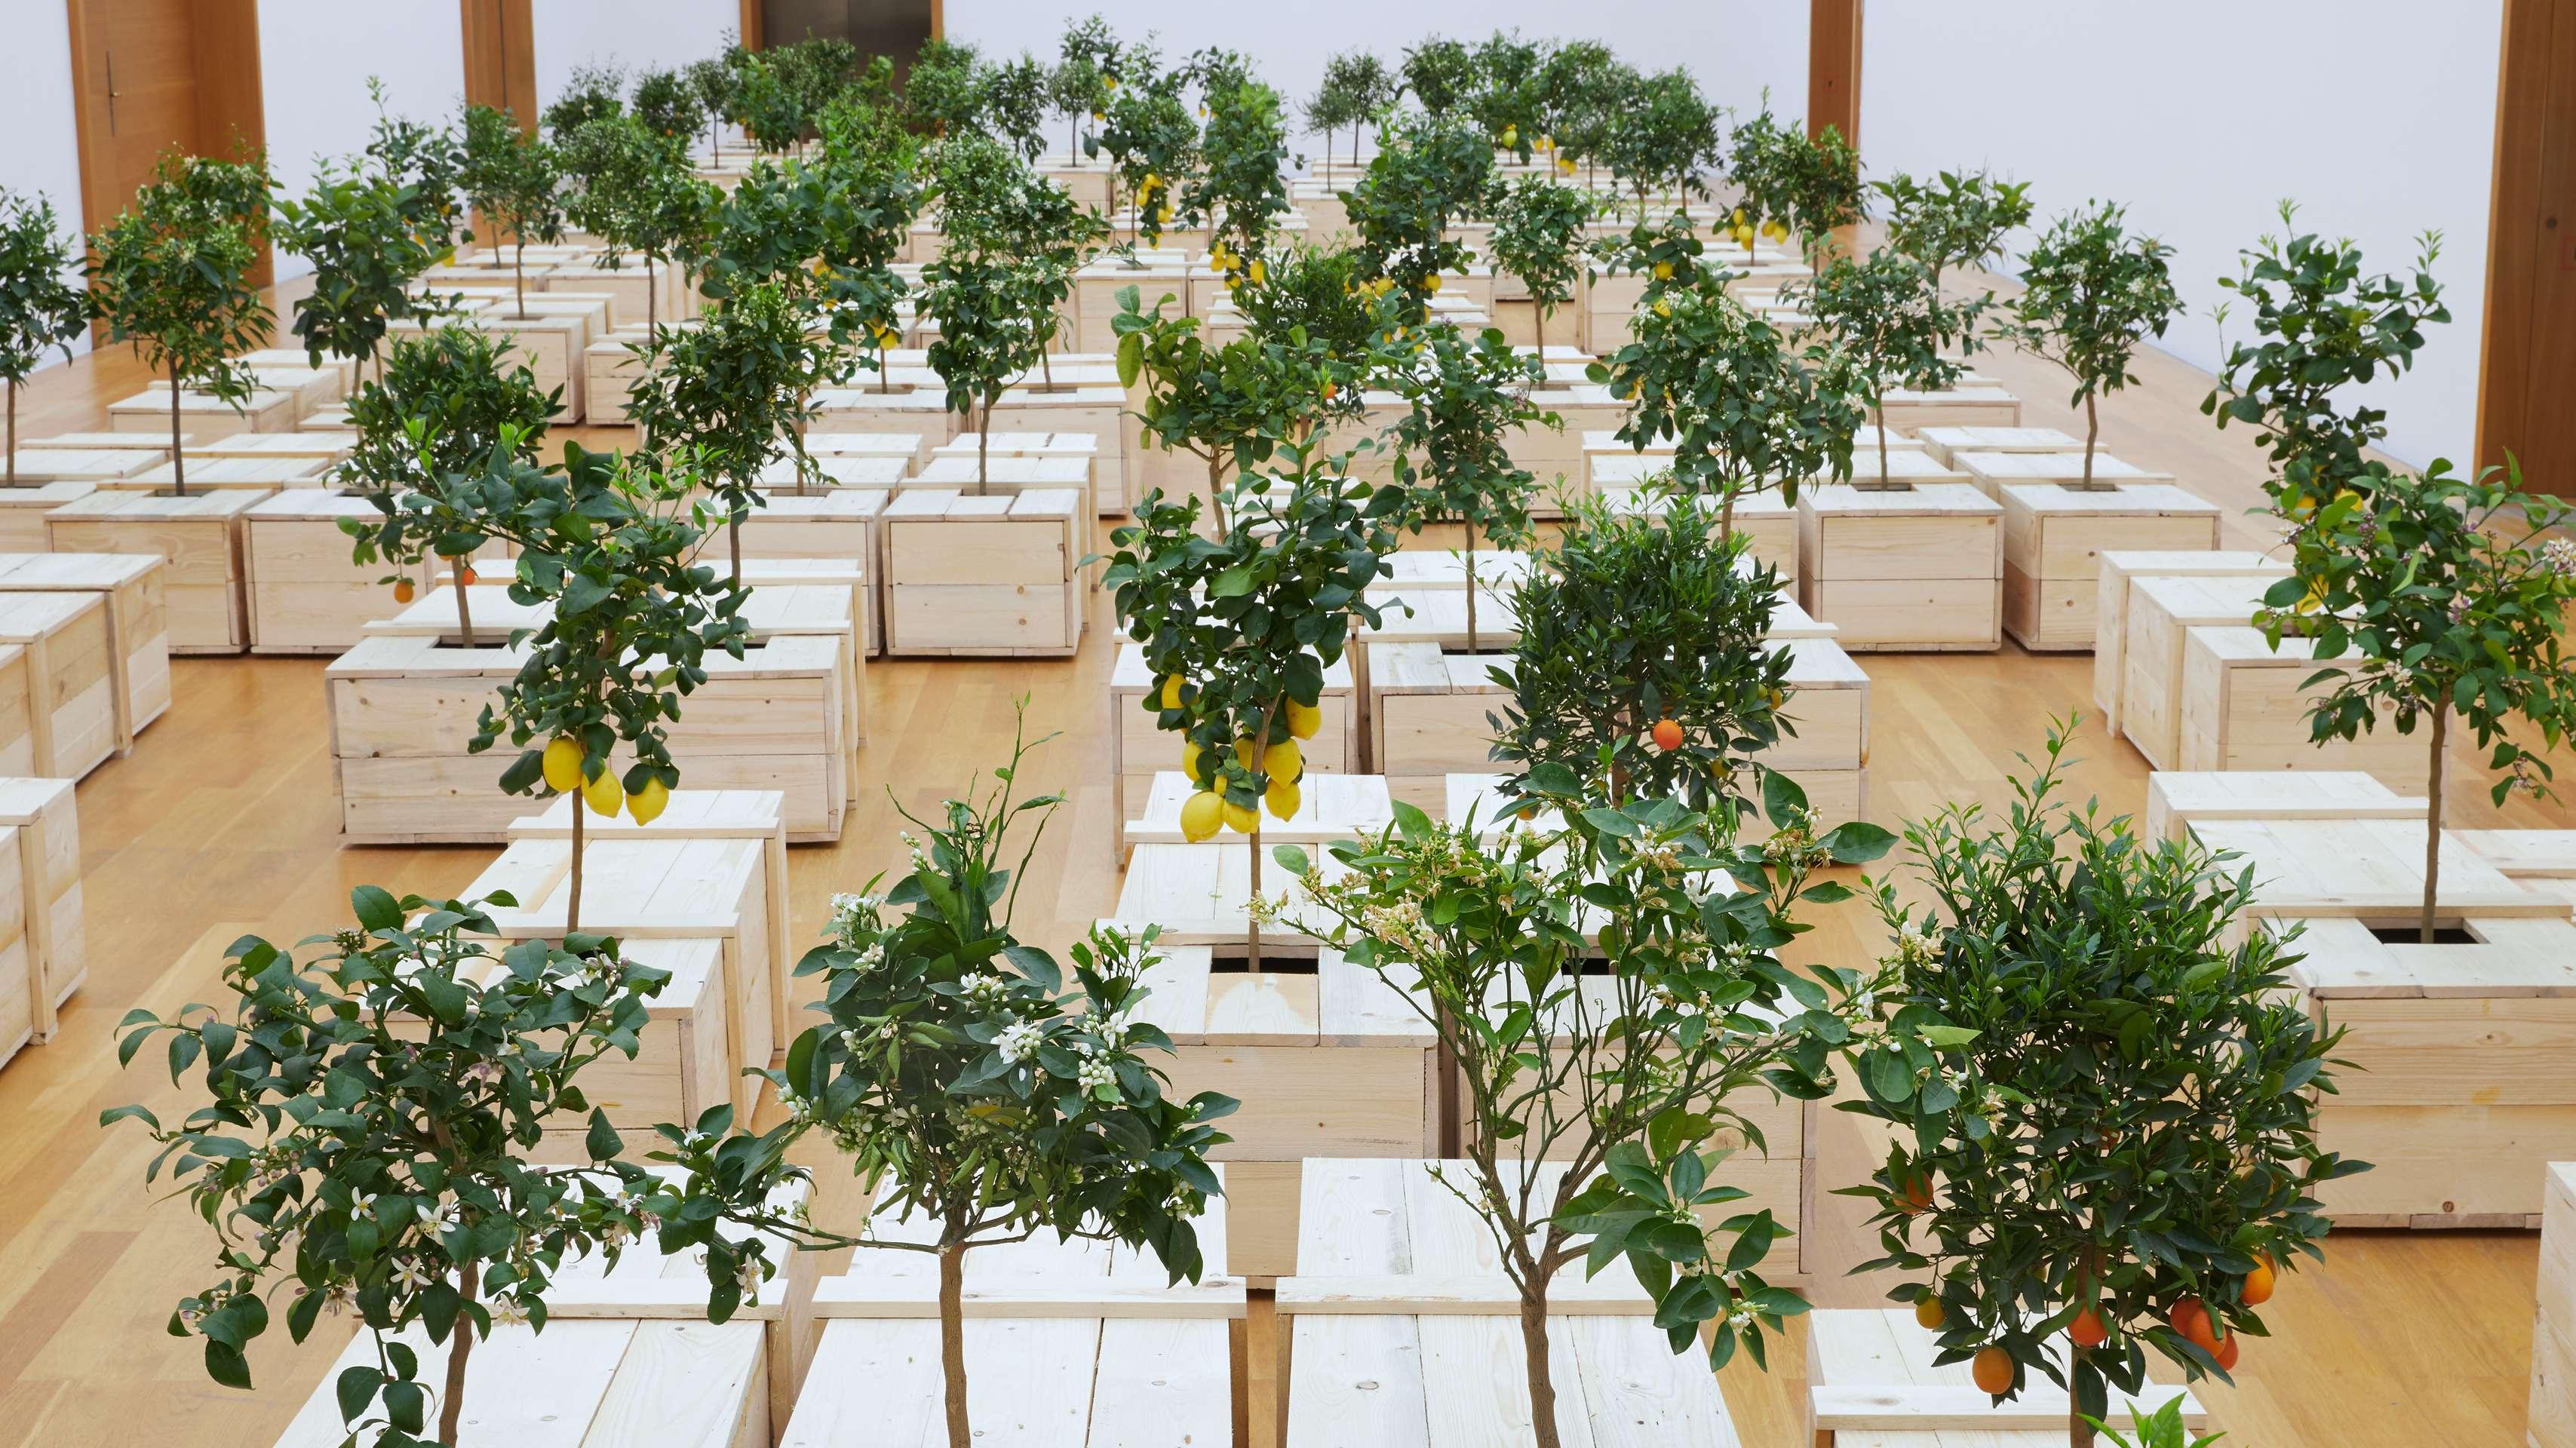 100 Zitrusbäume wachsen aus Holzsärgen